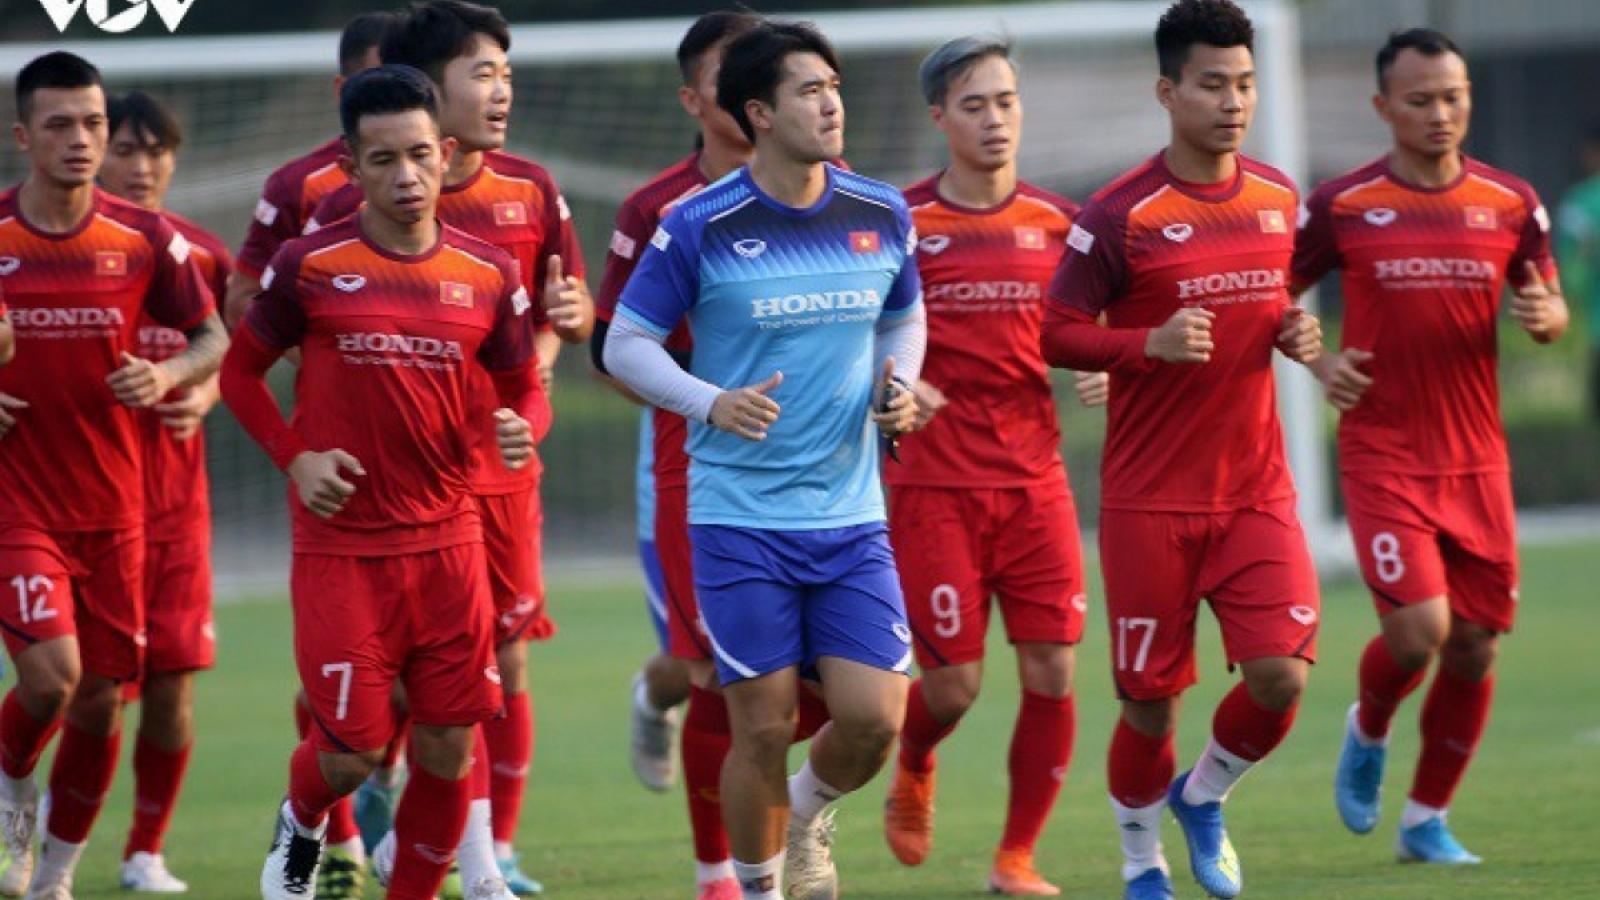 Vòng loại World Cup 2022 khu vực châu Á vẫn diễn ra trong tháng 3